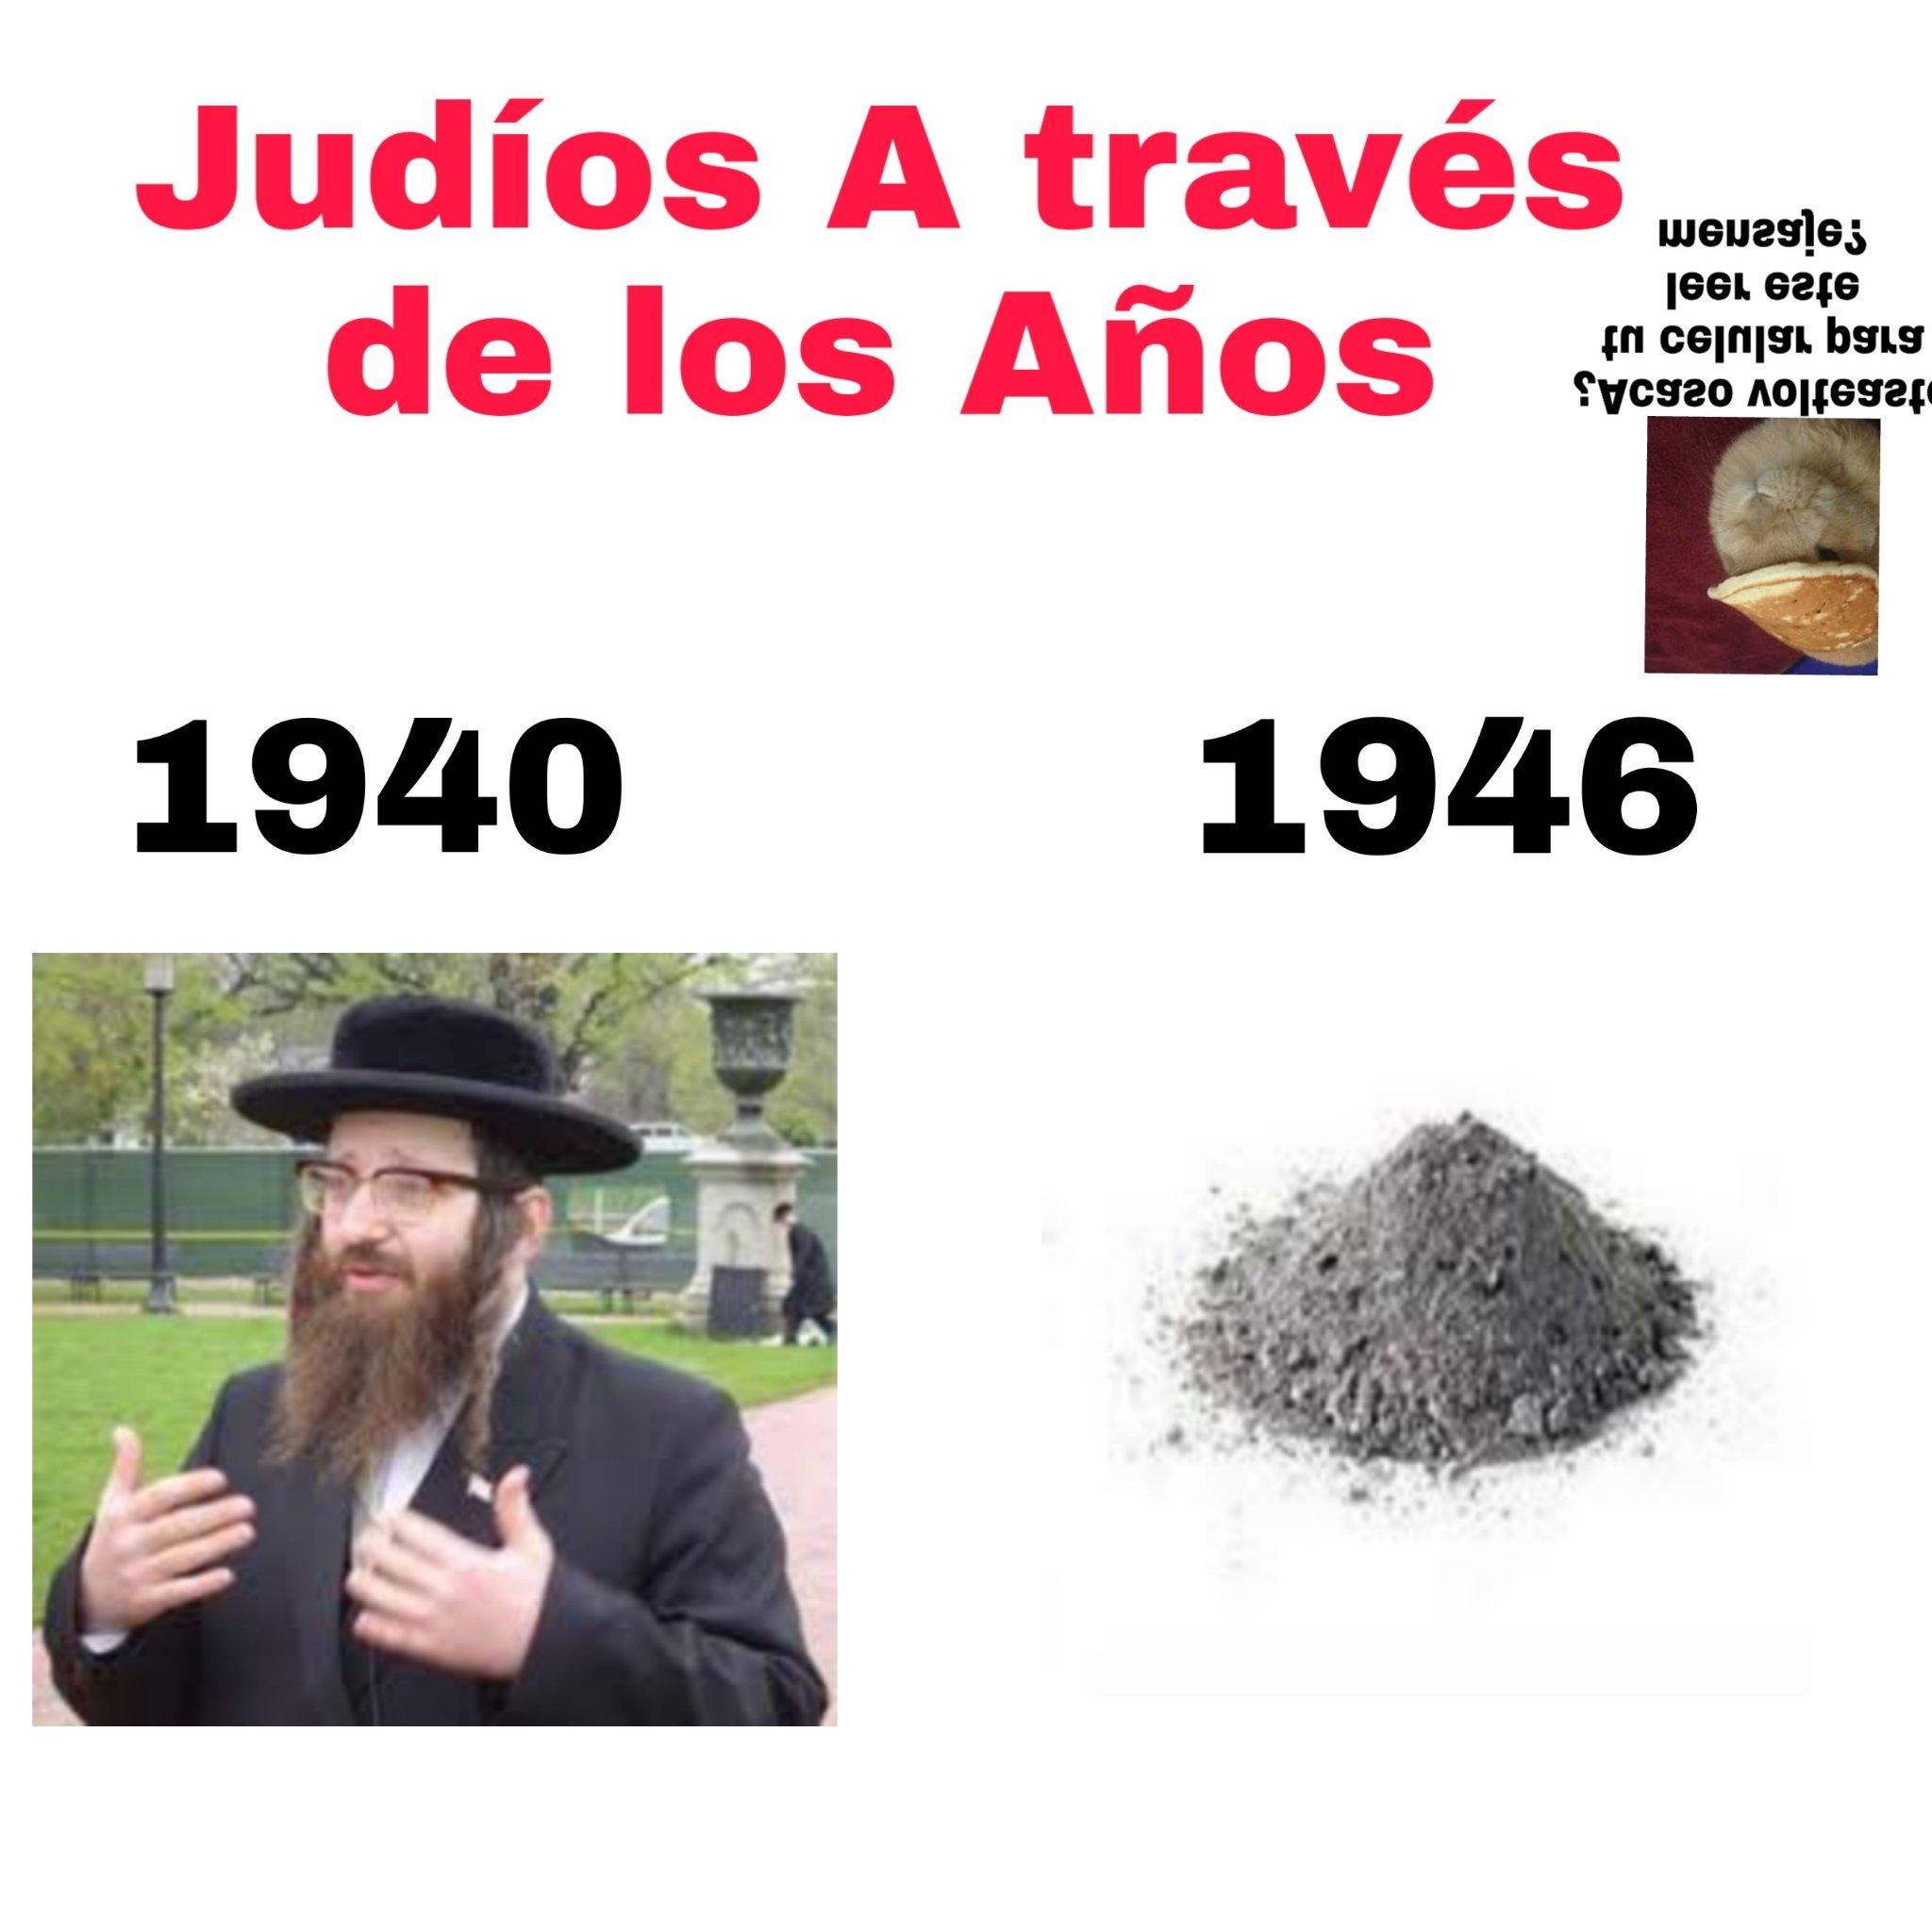 (Para el que no capto el Holocausto estuvo presente desde 1941 a 1945) - meme